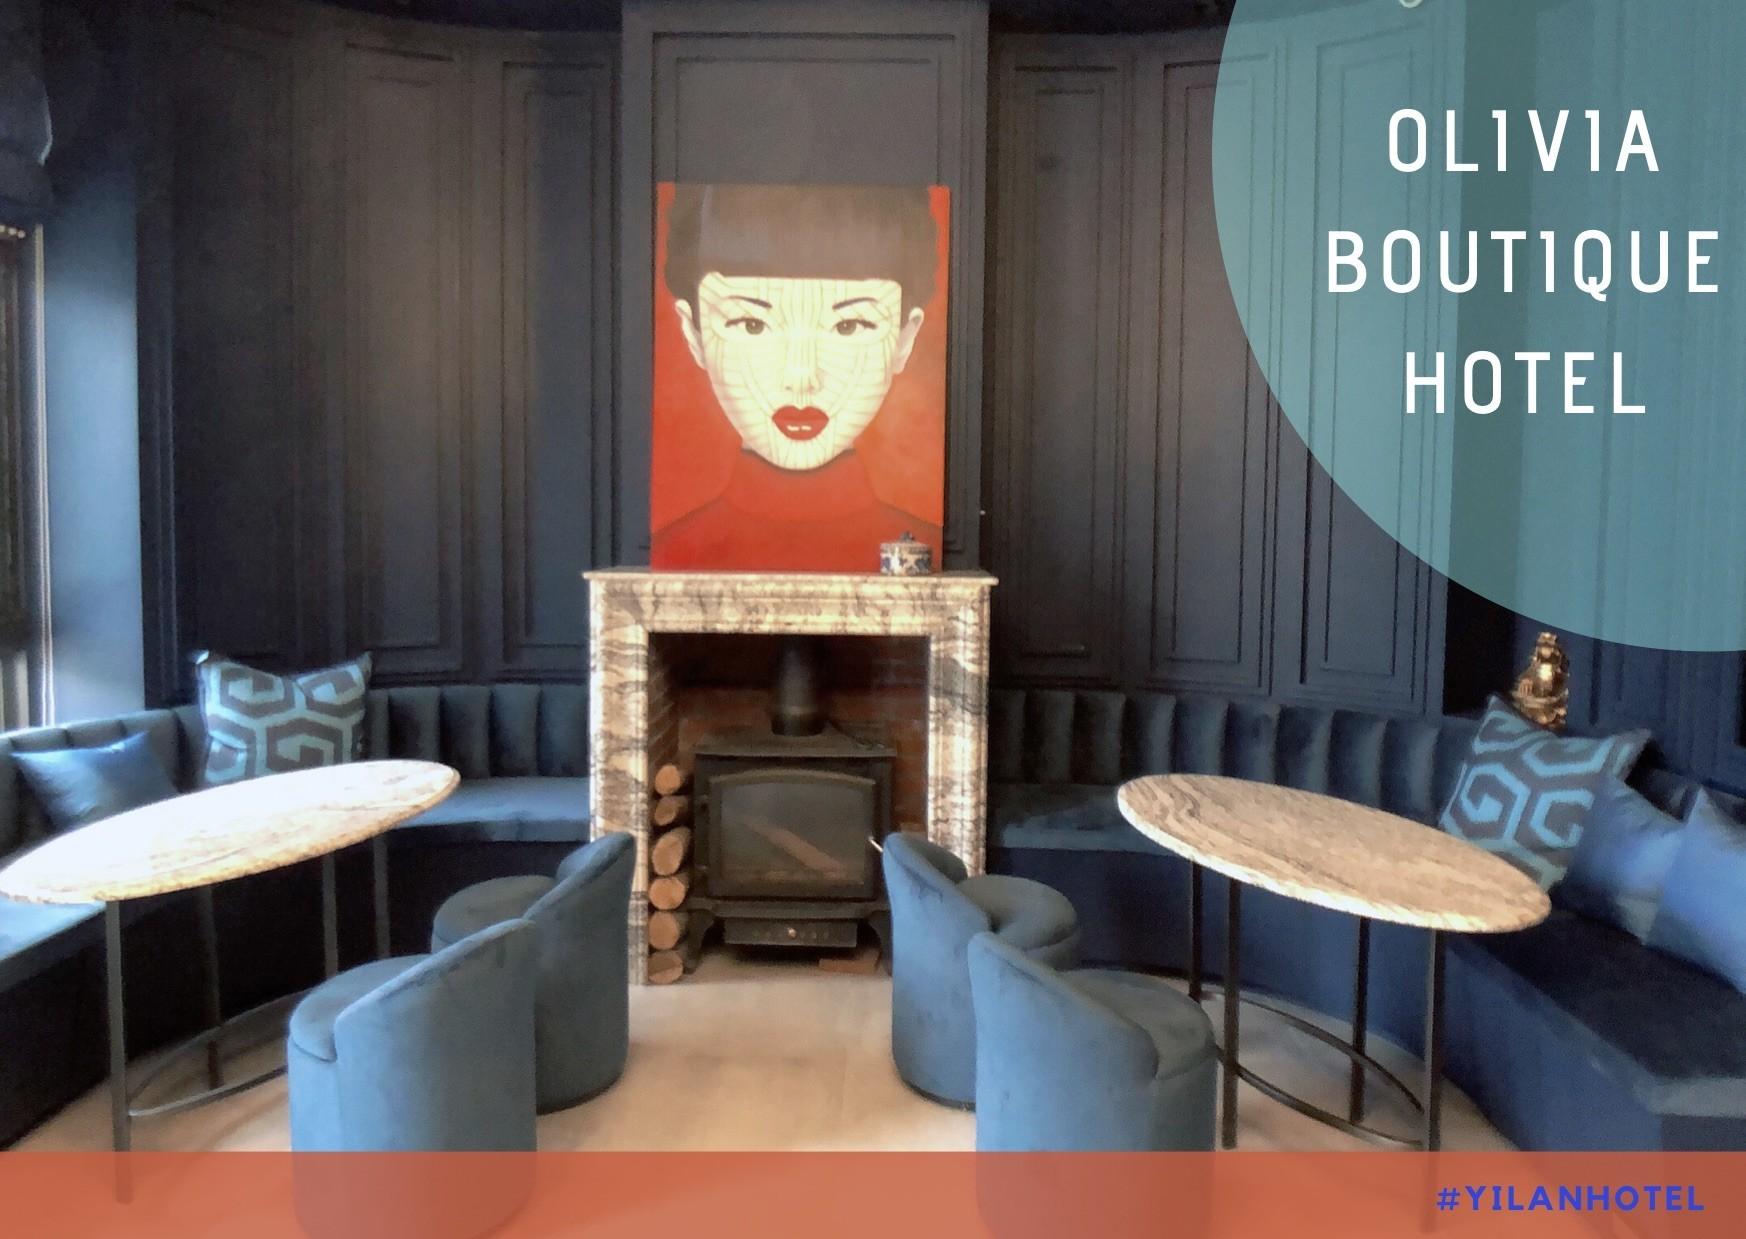 從進門到離開,只會越來越驚豔的住宿 奧莉薇雅生活小酒店